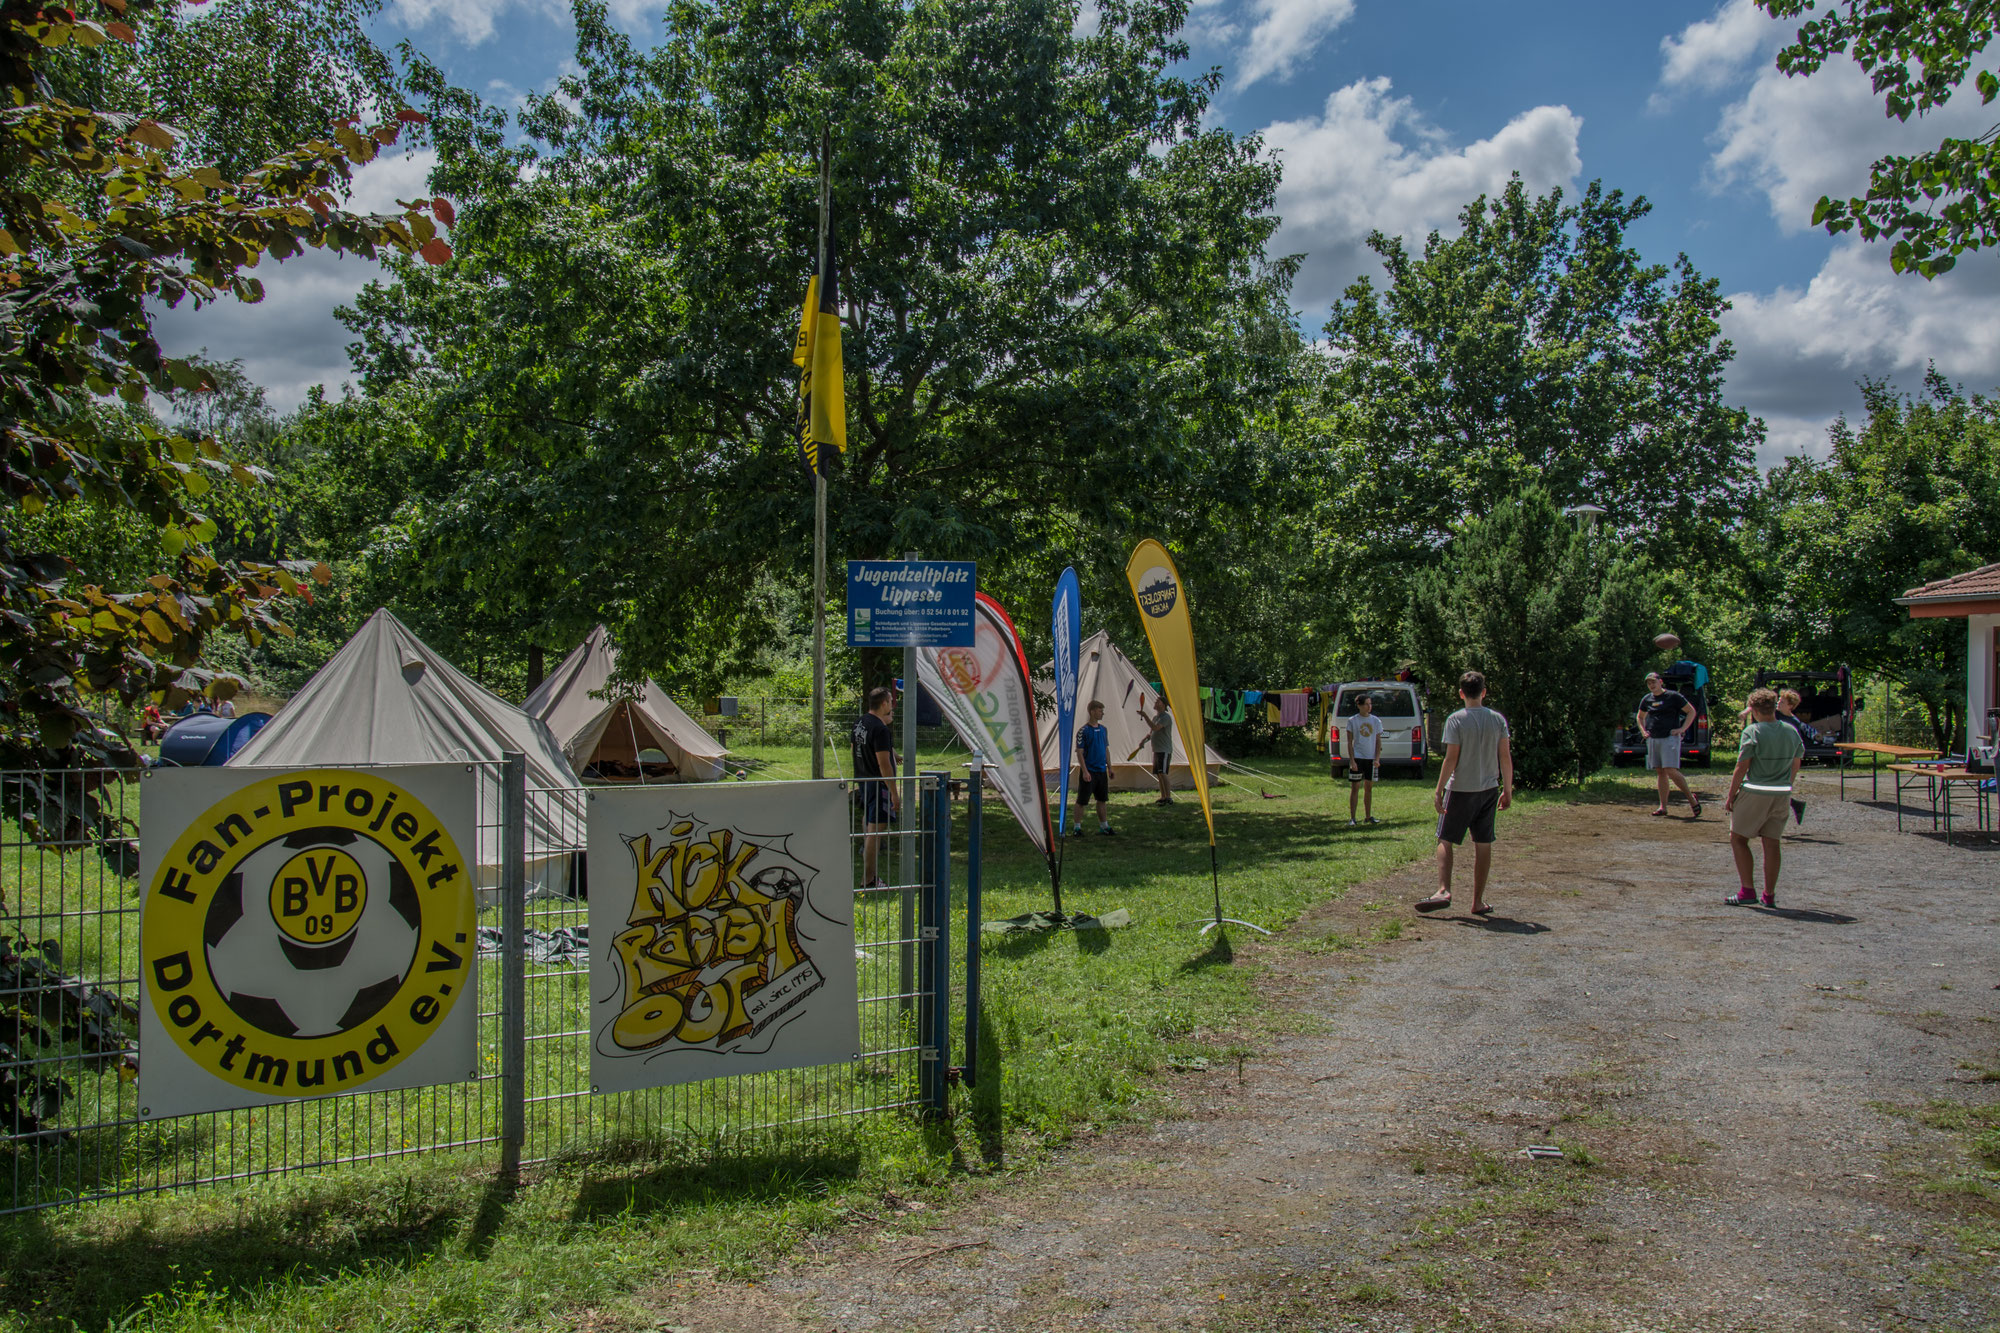 Fancamp NRW 2021